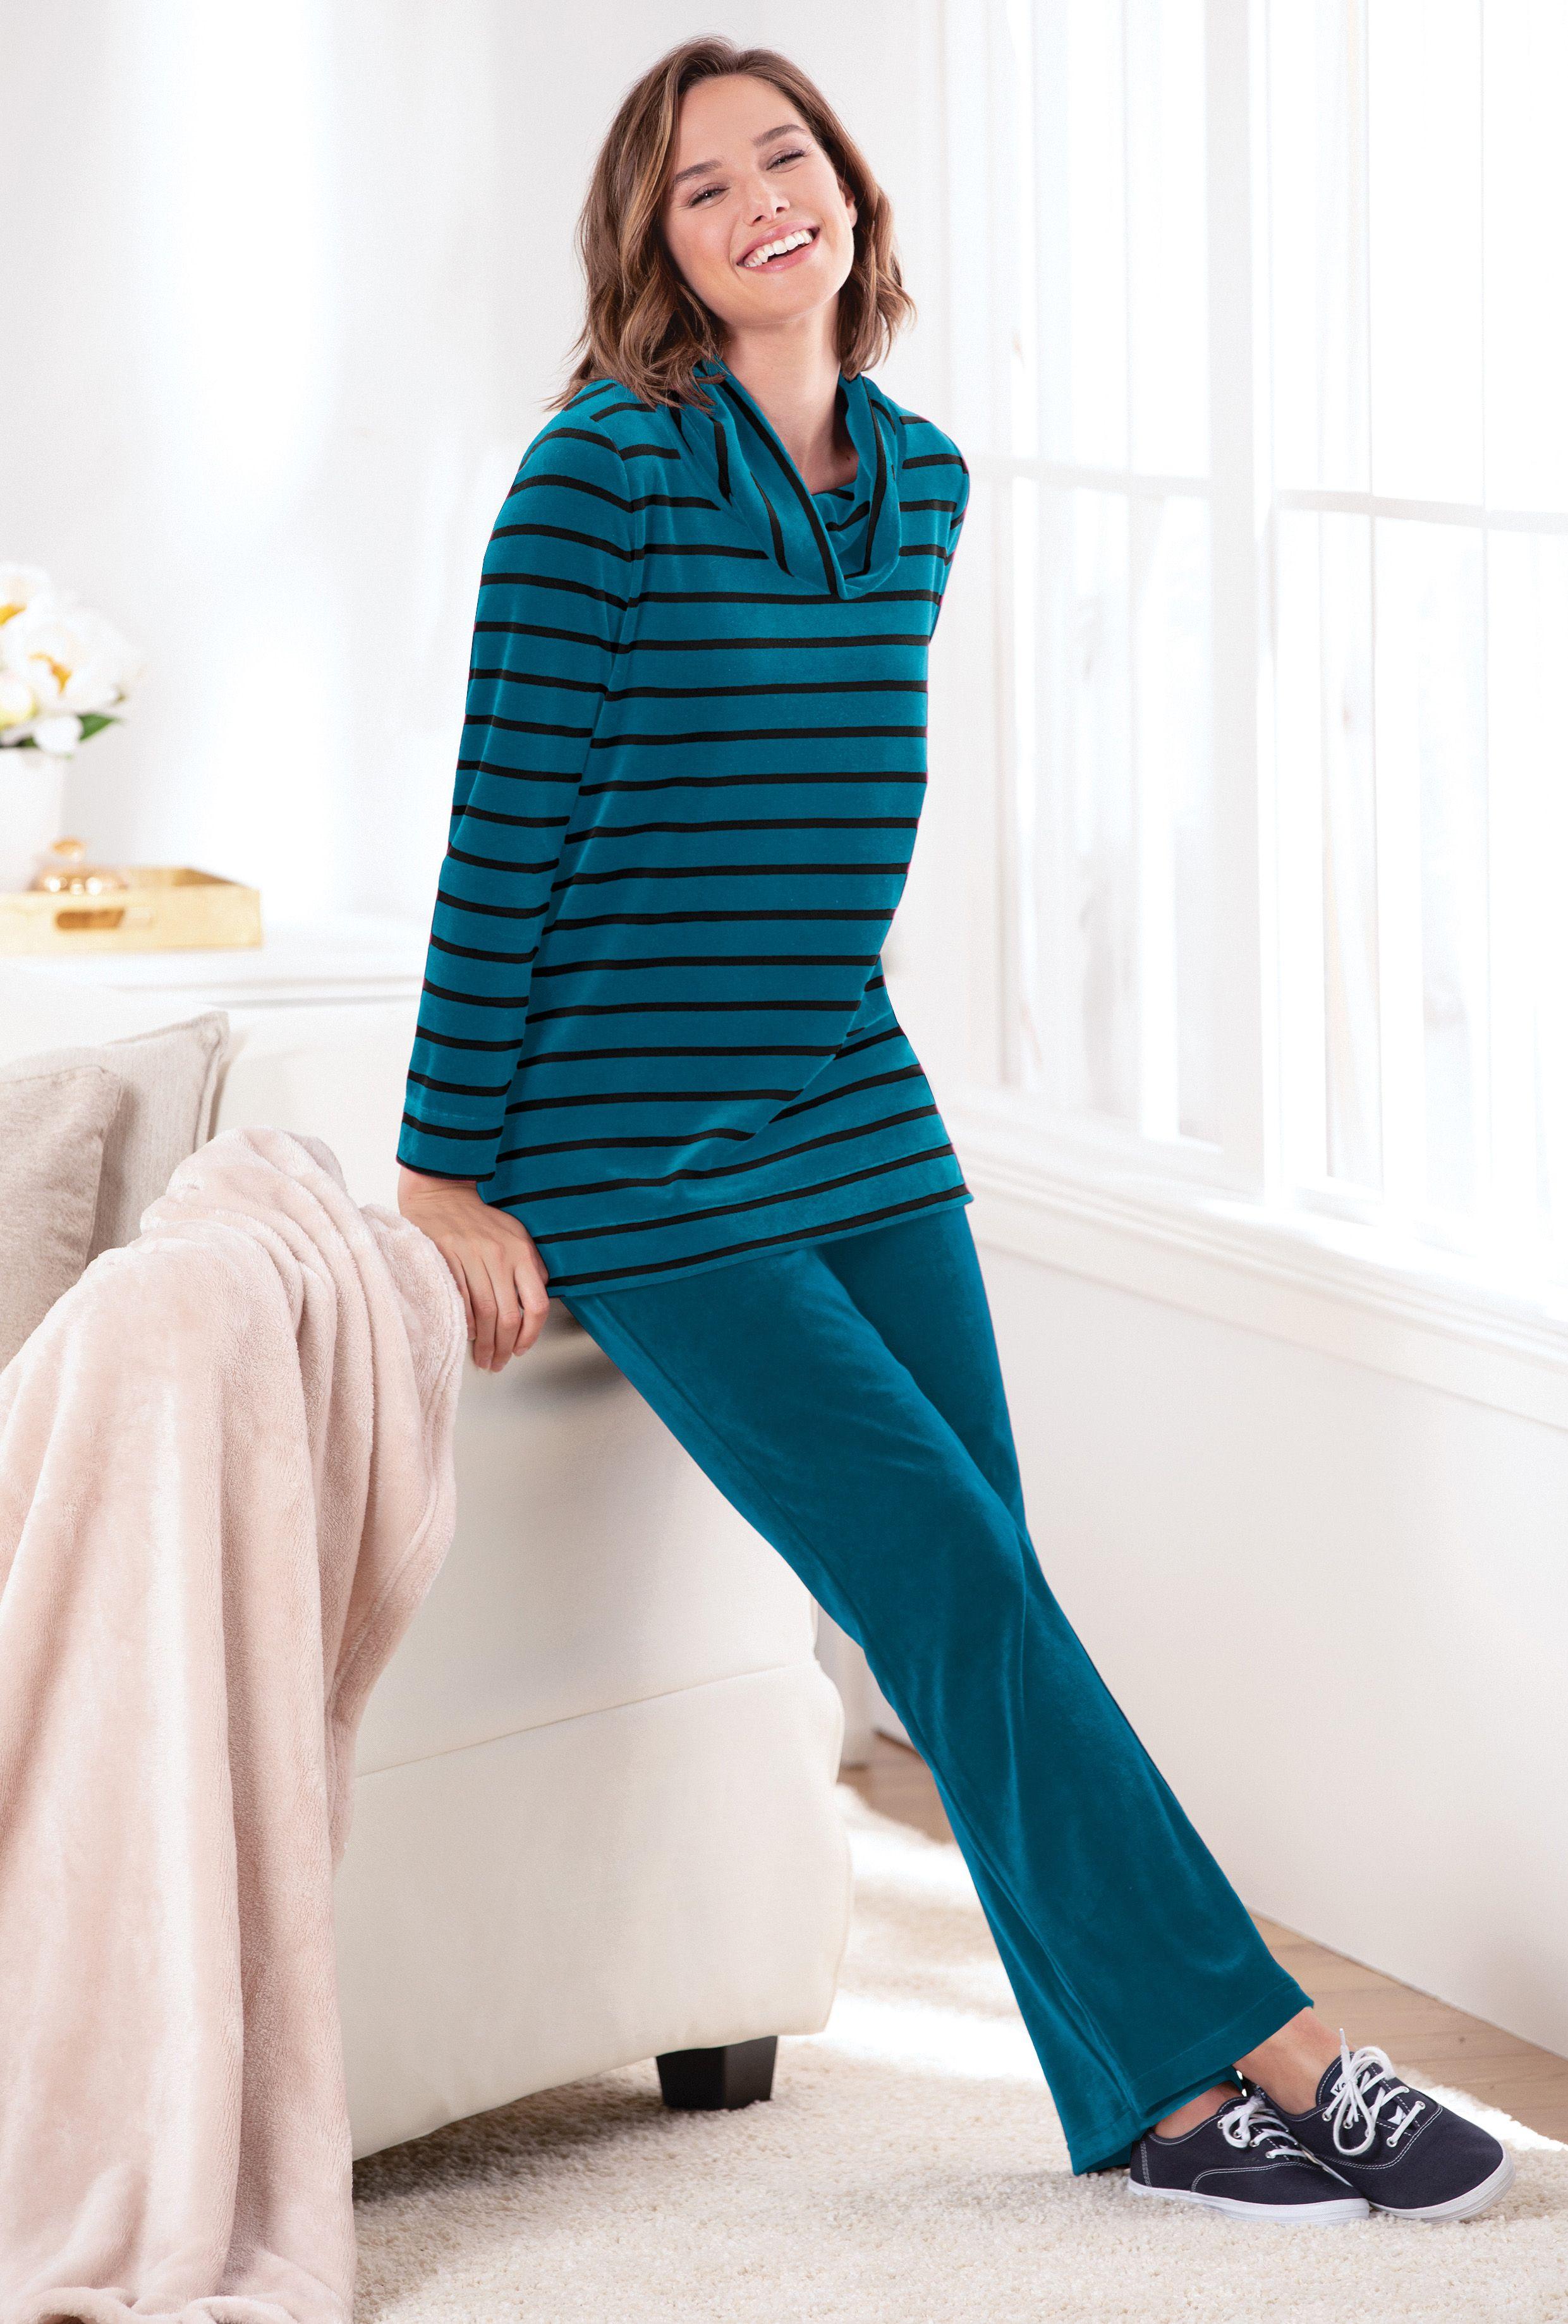 Pin on Sleepwear and Loungewear